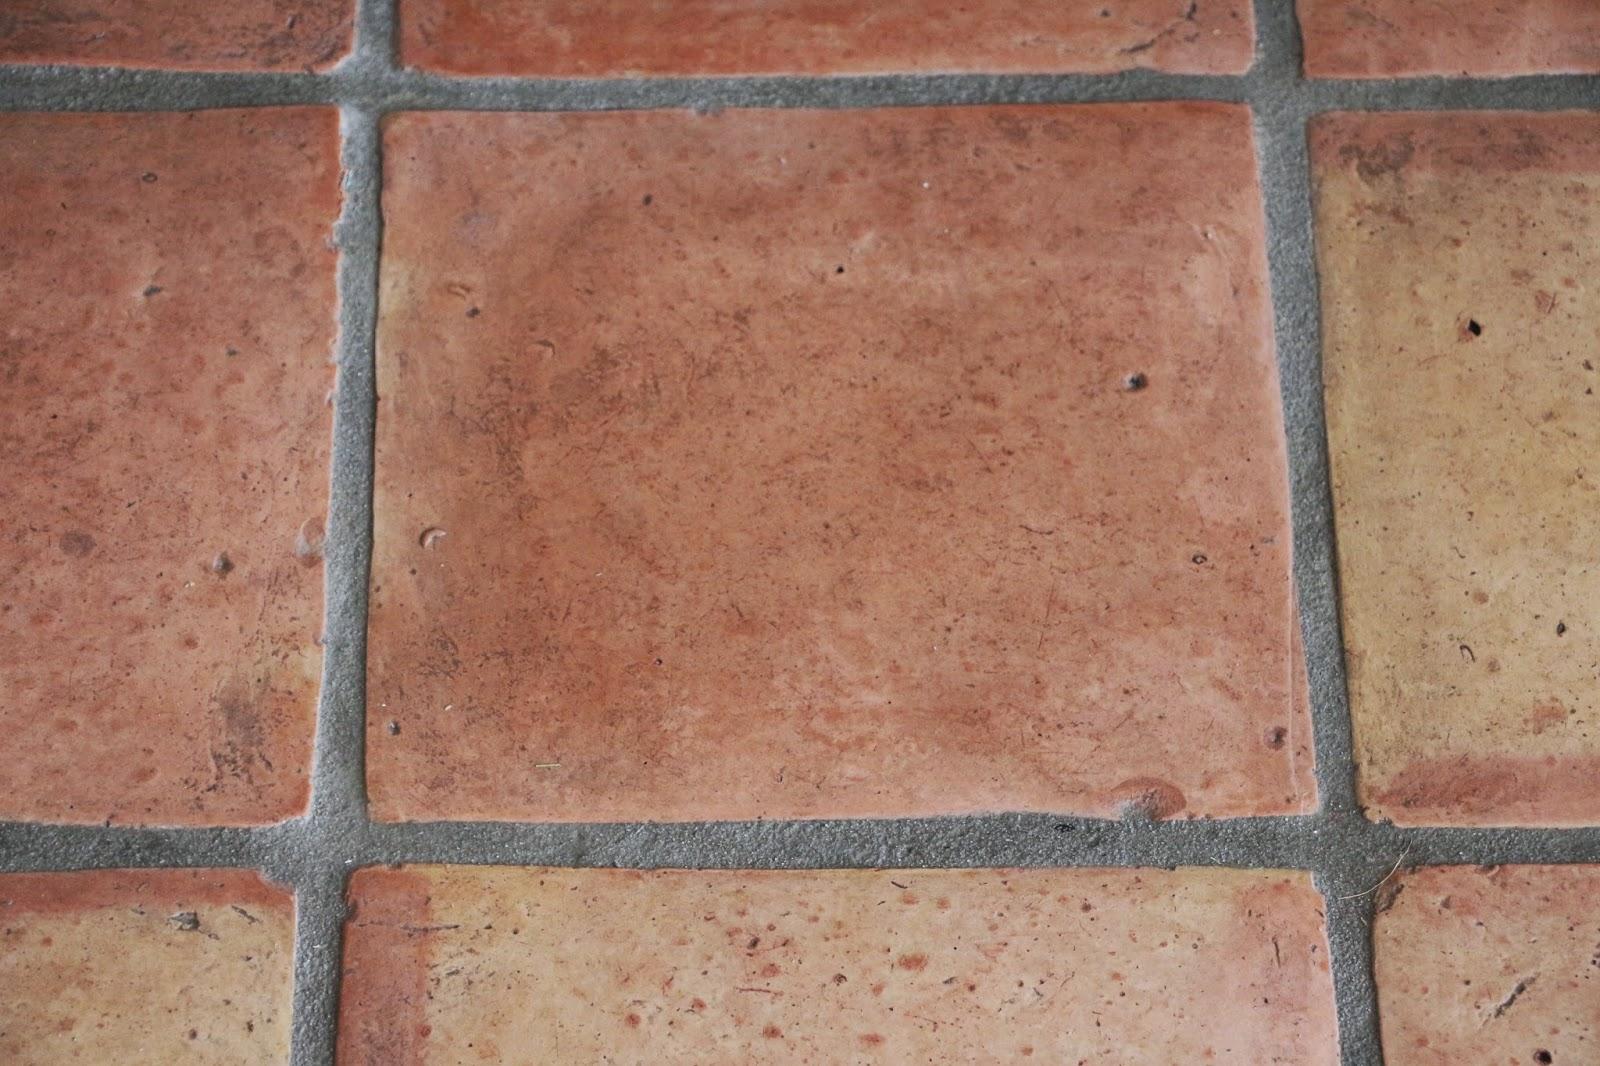 Saltillo tile stripper consider, that